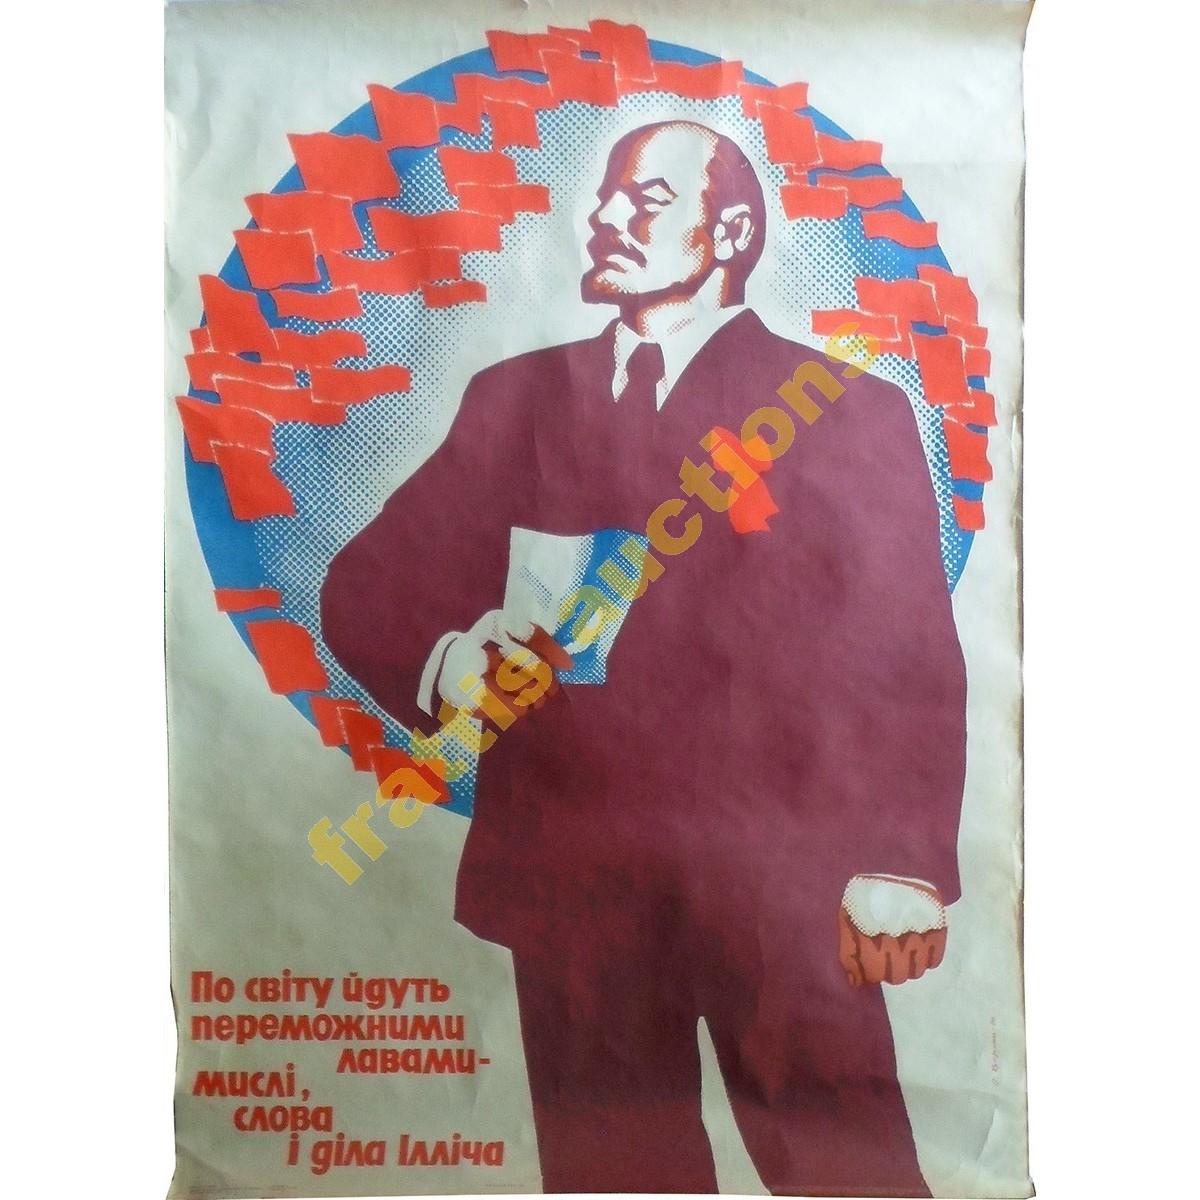 Β.Ι.ΛΕΝΙΝ , χάρτινη αφίσα.